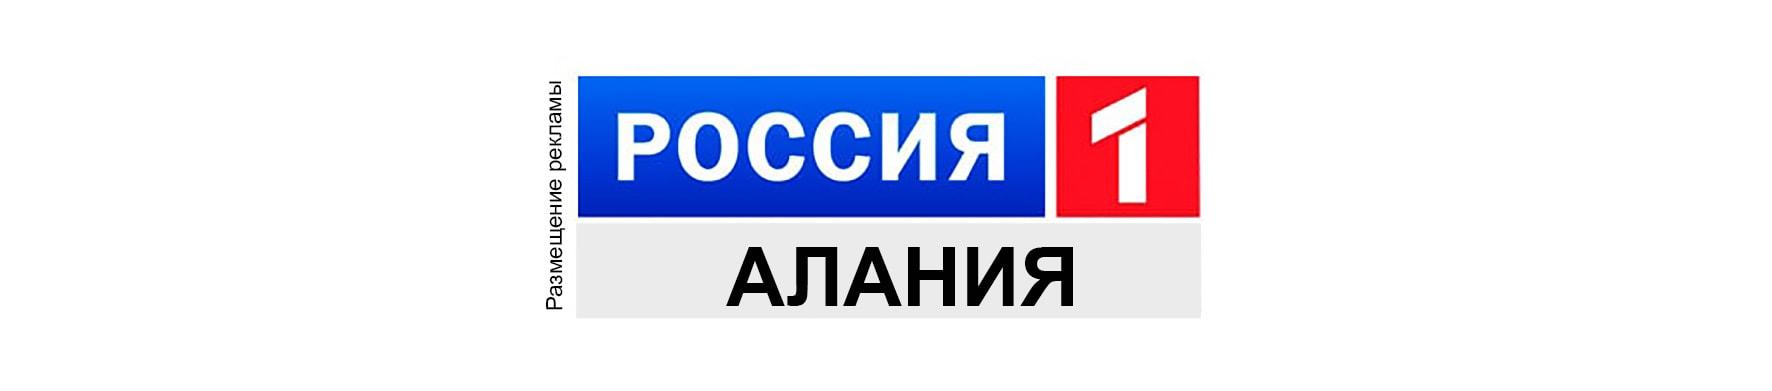 Реклама на телевидении в РСО-Алания Россия 1